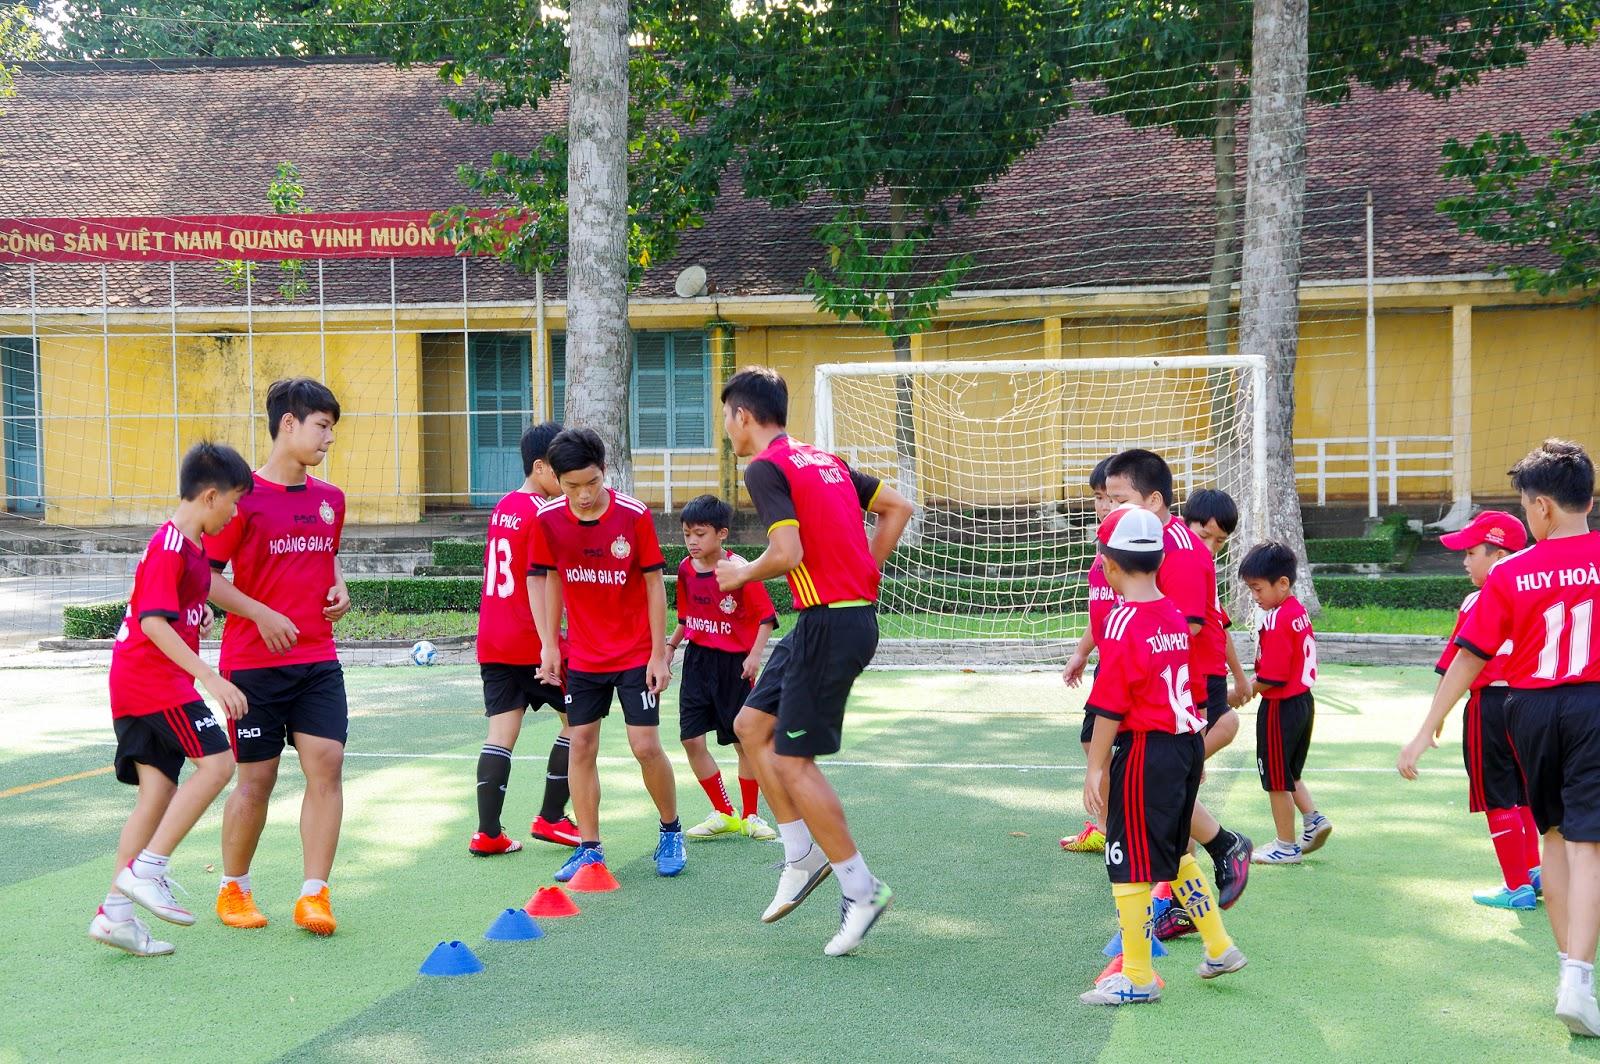 Bộ môn thể thao bóng đá và những lợi ích bất ngờ 1